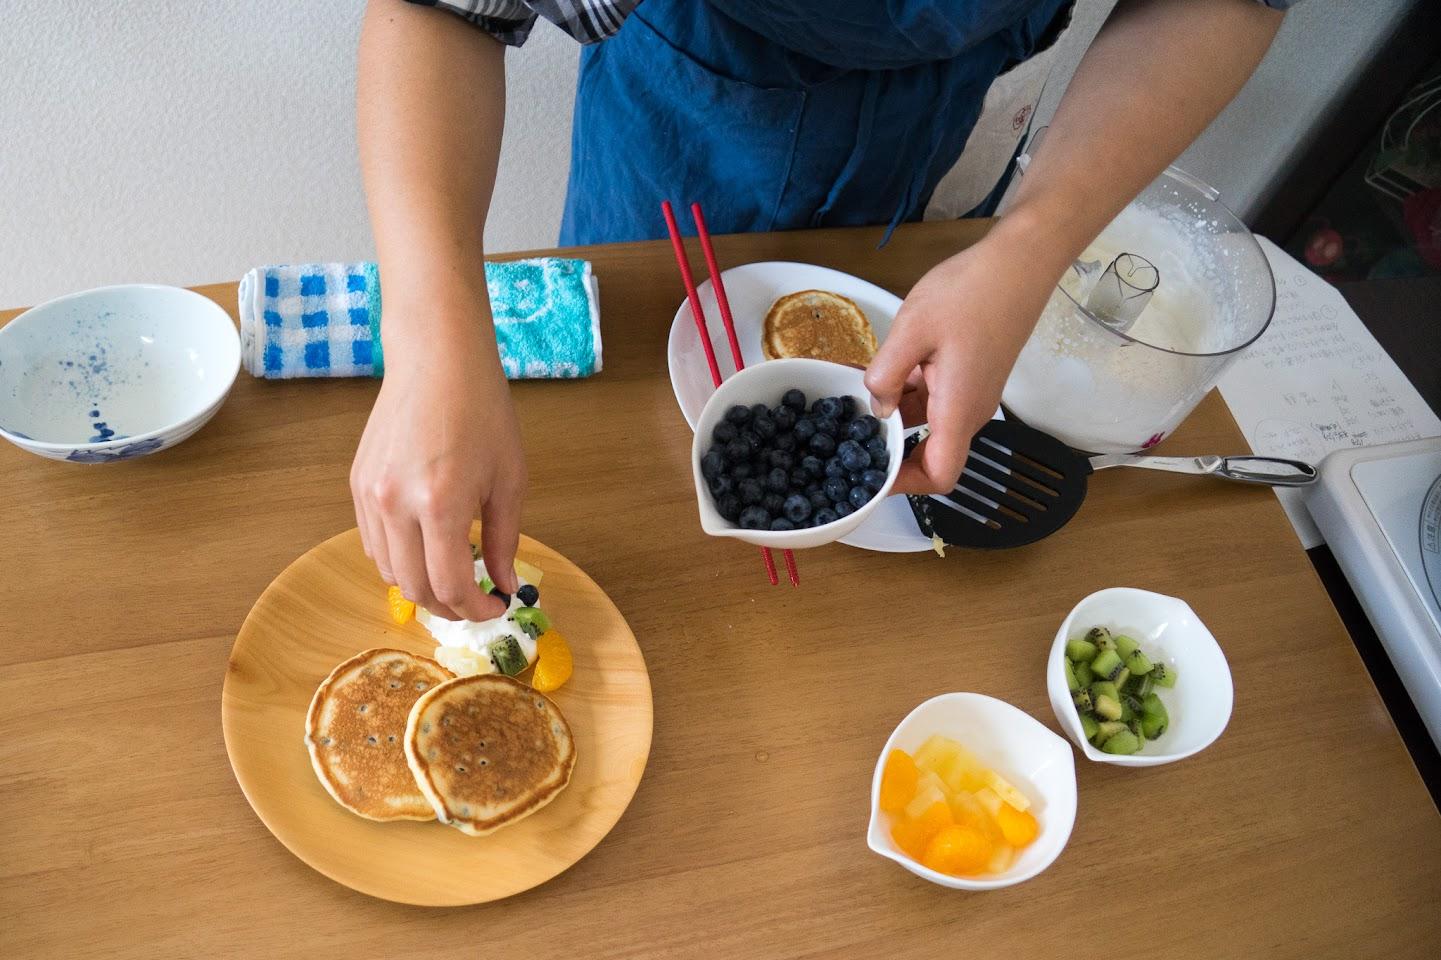 黒千石のもっちりパンケーキ:生クリームとフルーツを添える